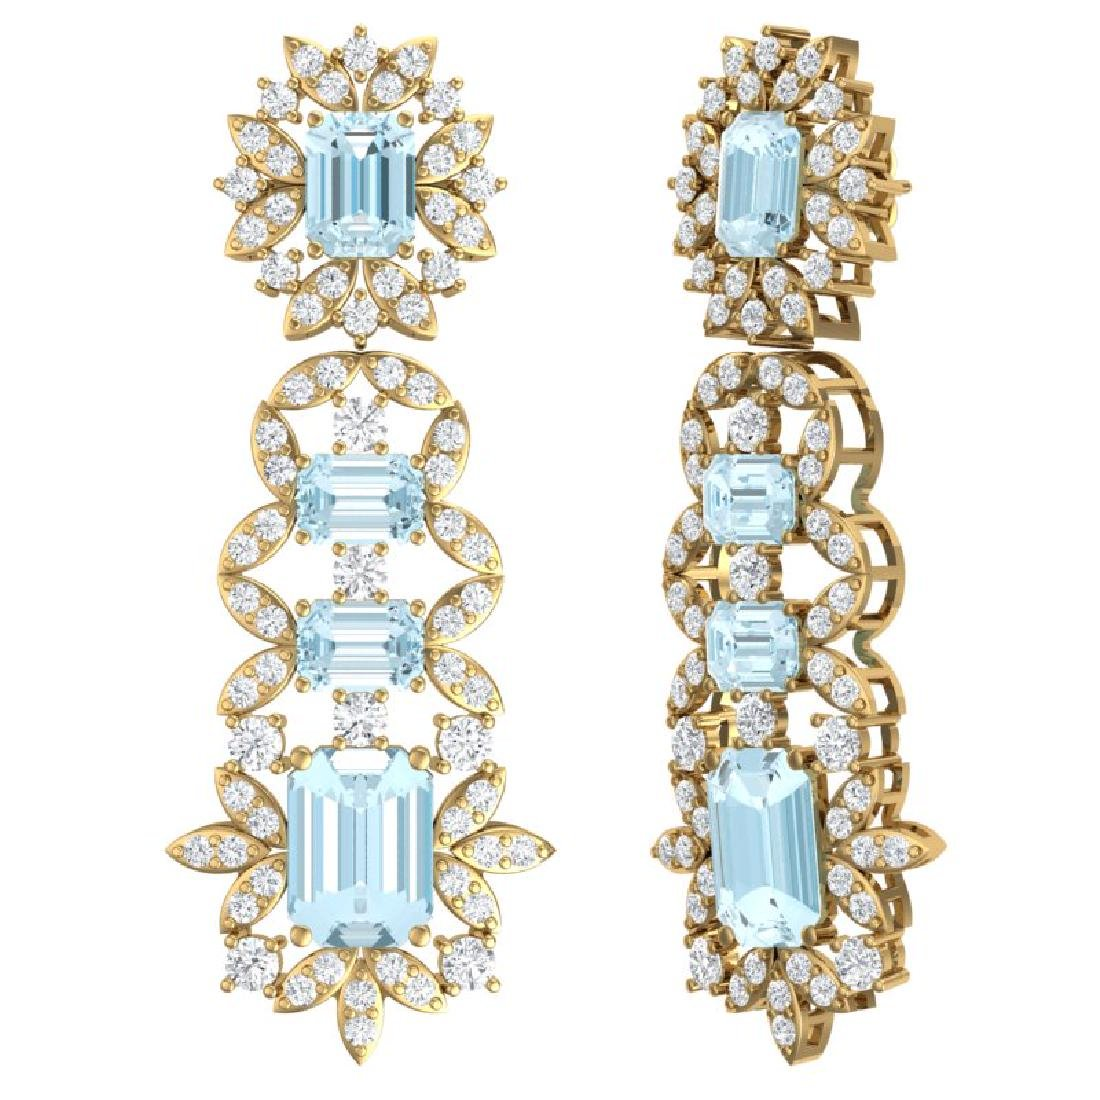 33.36 CTW Royalty Sky Topaz & VS Diamond Earrings 18K - 3